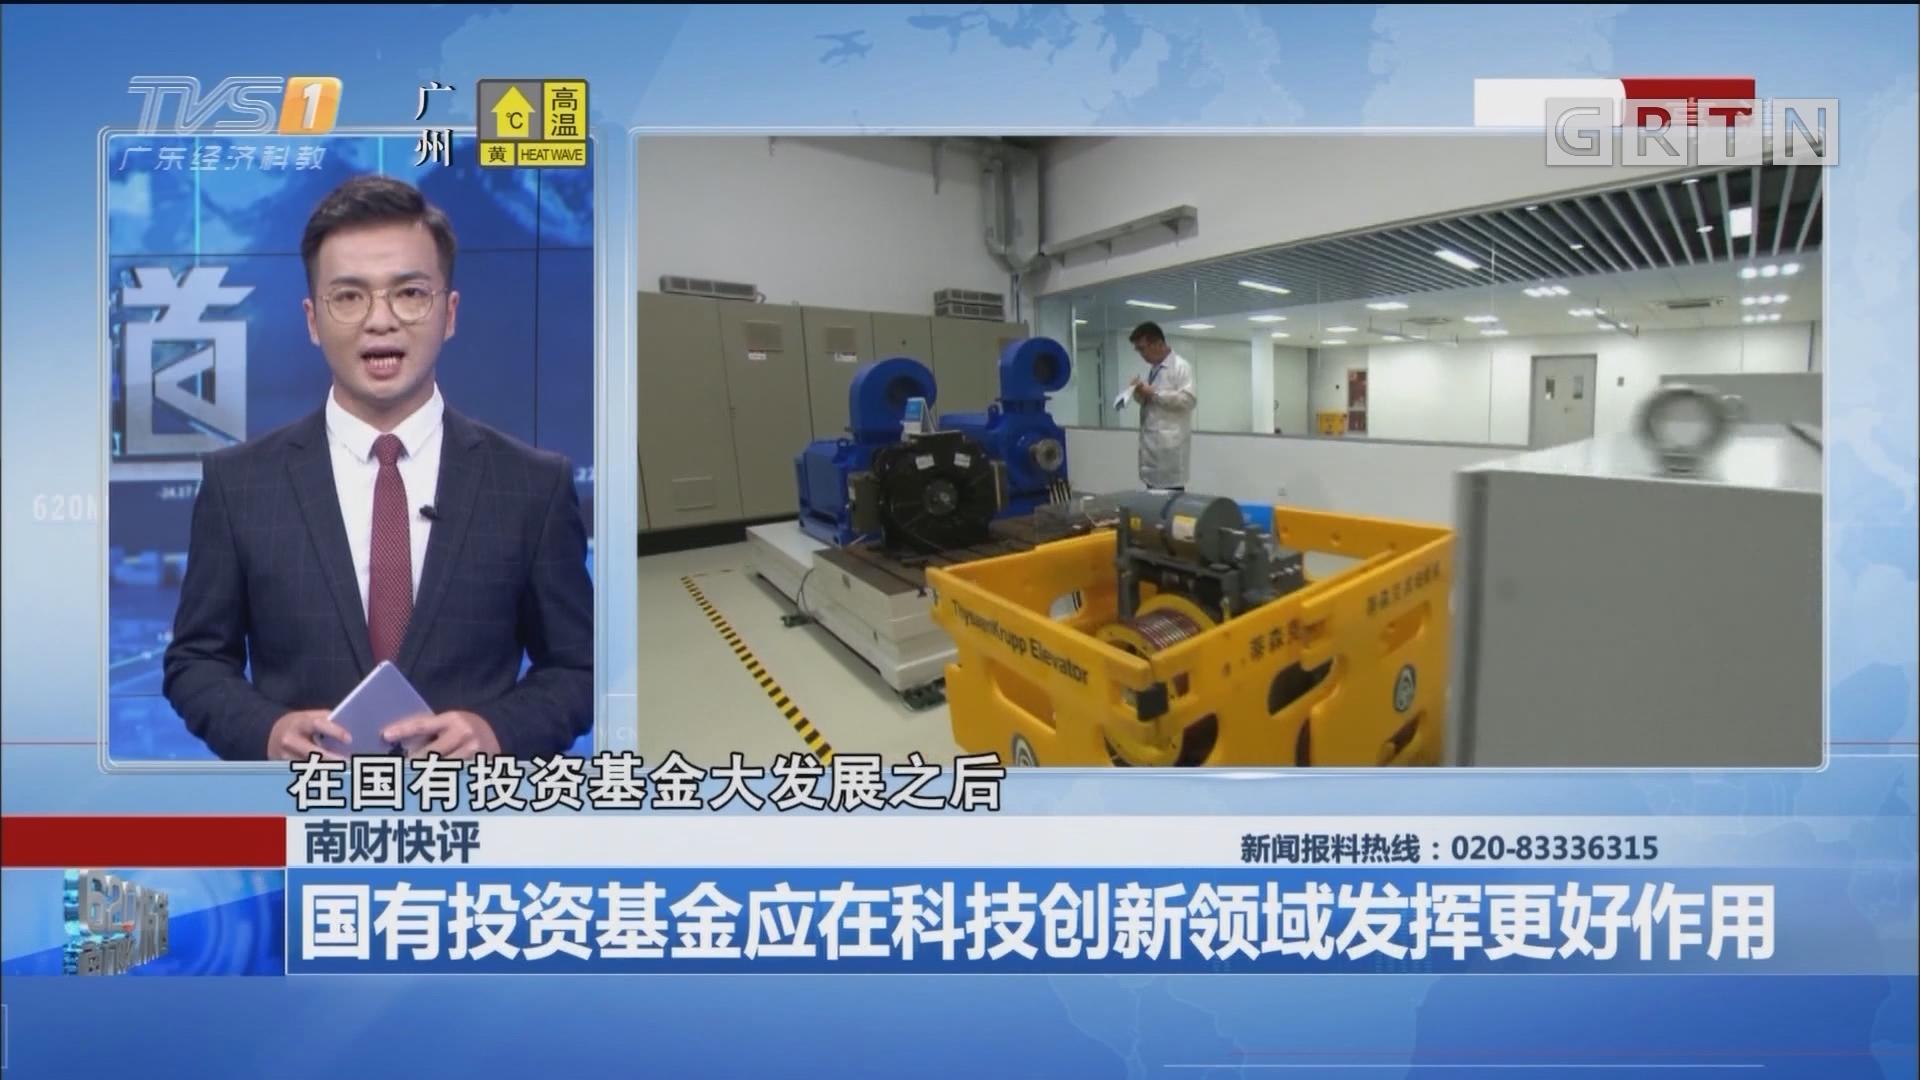 南财快评:国有投资基金应在科技创新领域发挥更好作用